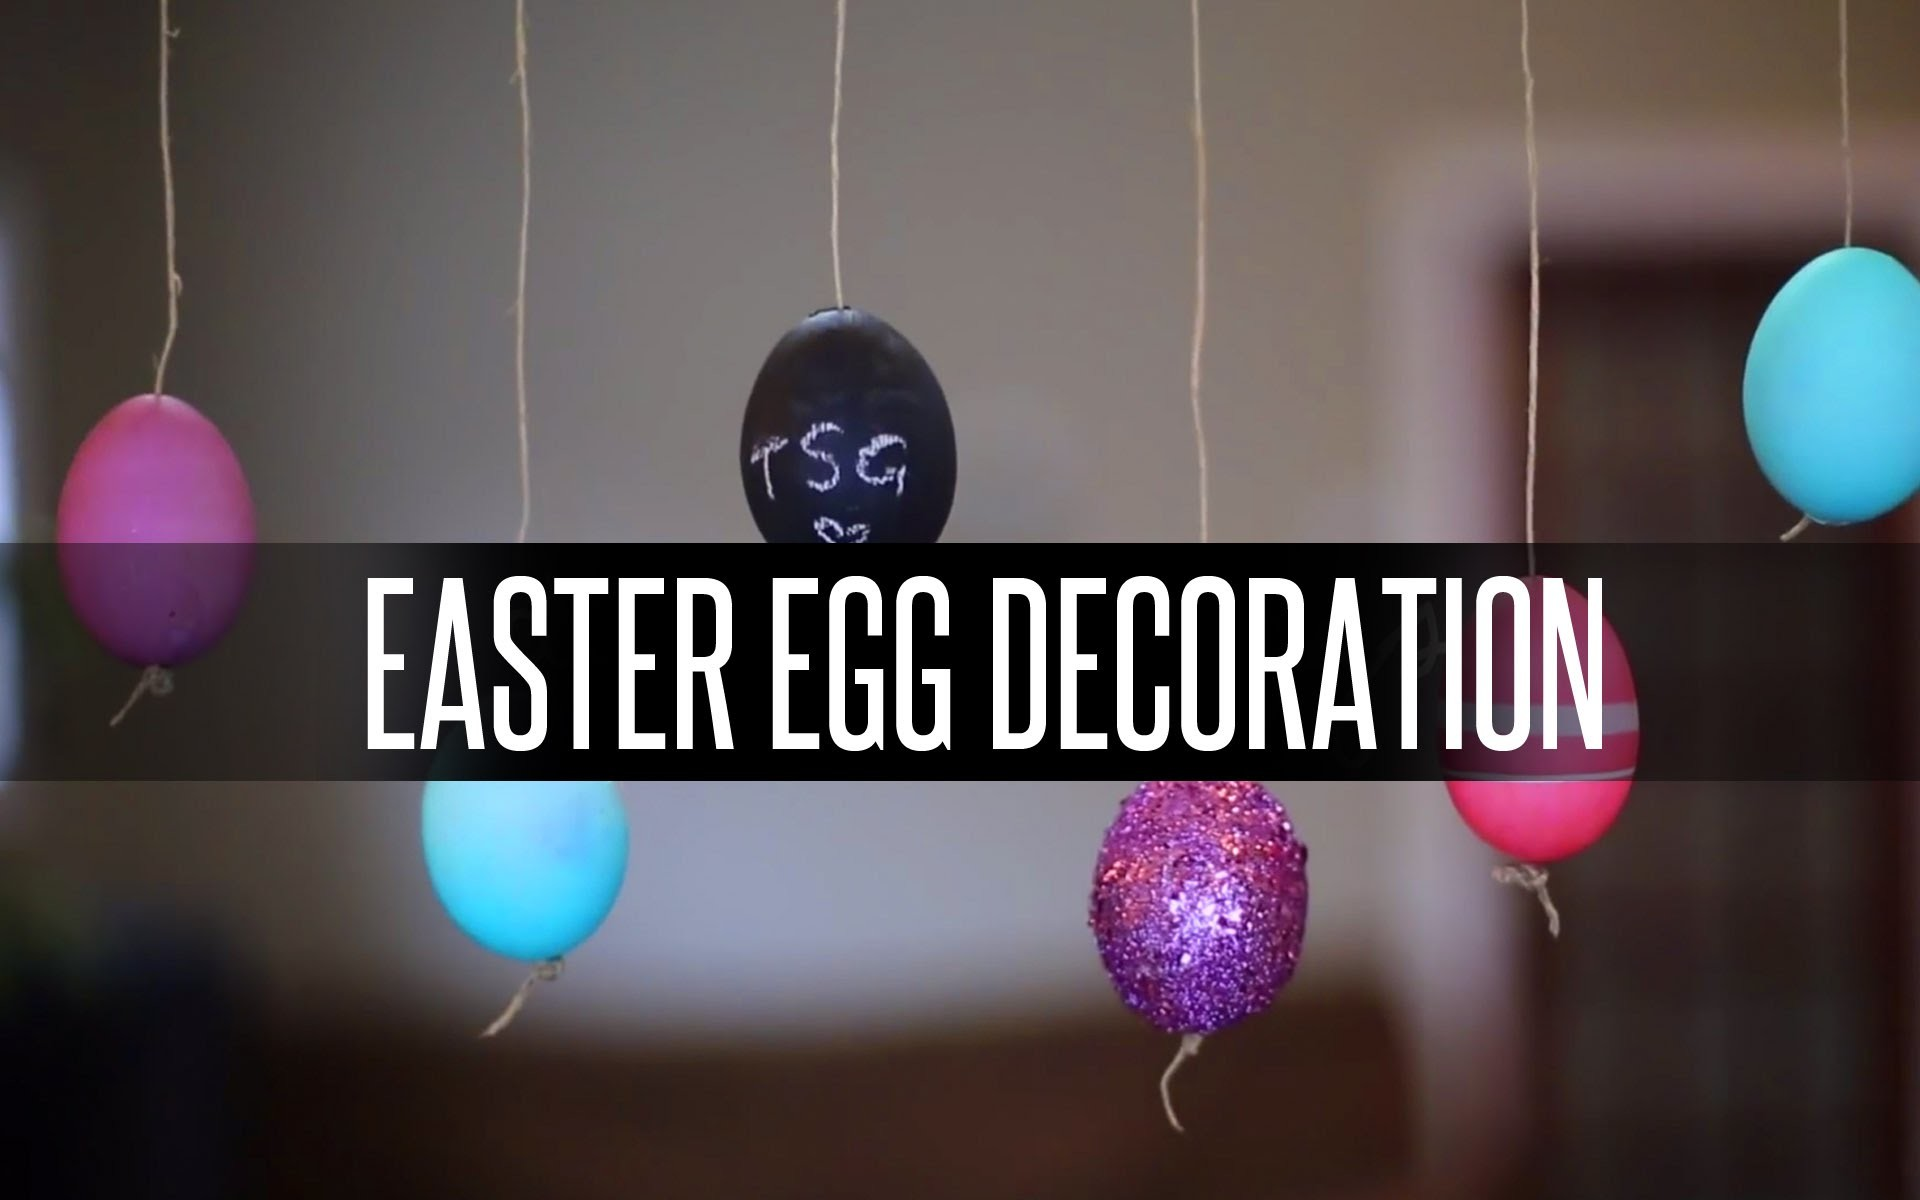 DIY EASTER EGG DECORATION